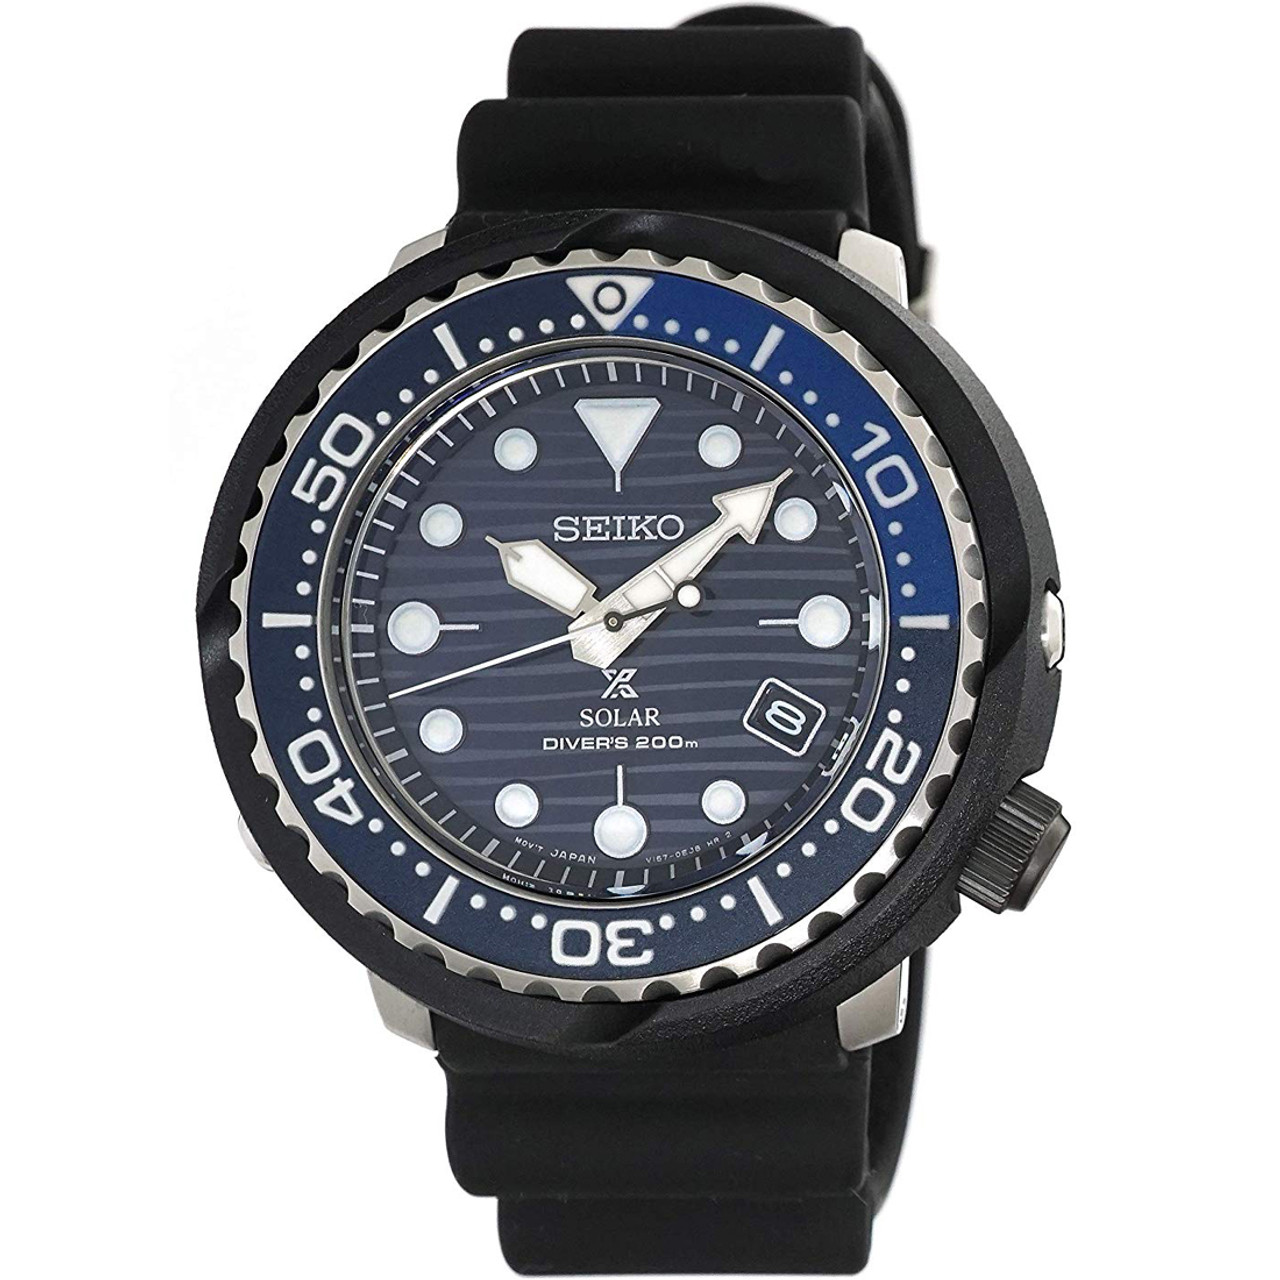 Seiko Prospex Solar Save The Ocean Tuna Blue Dial Watch SNE518P1